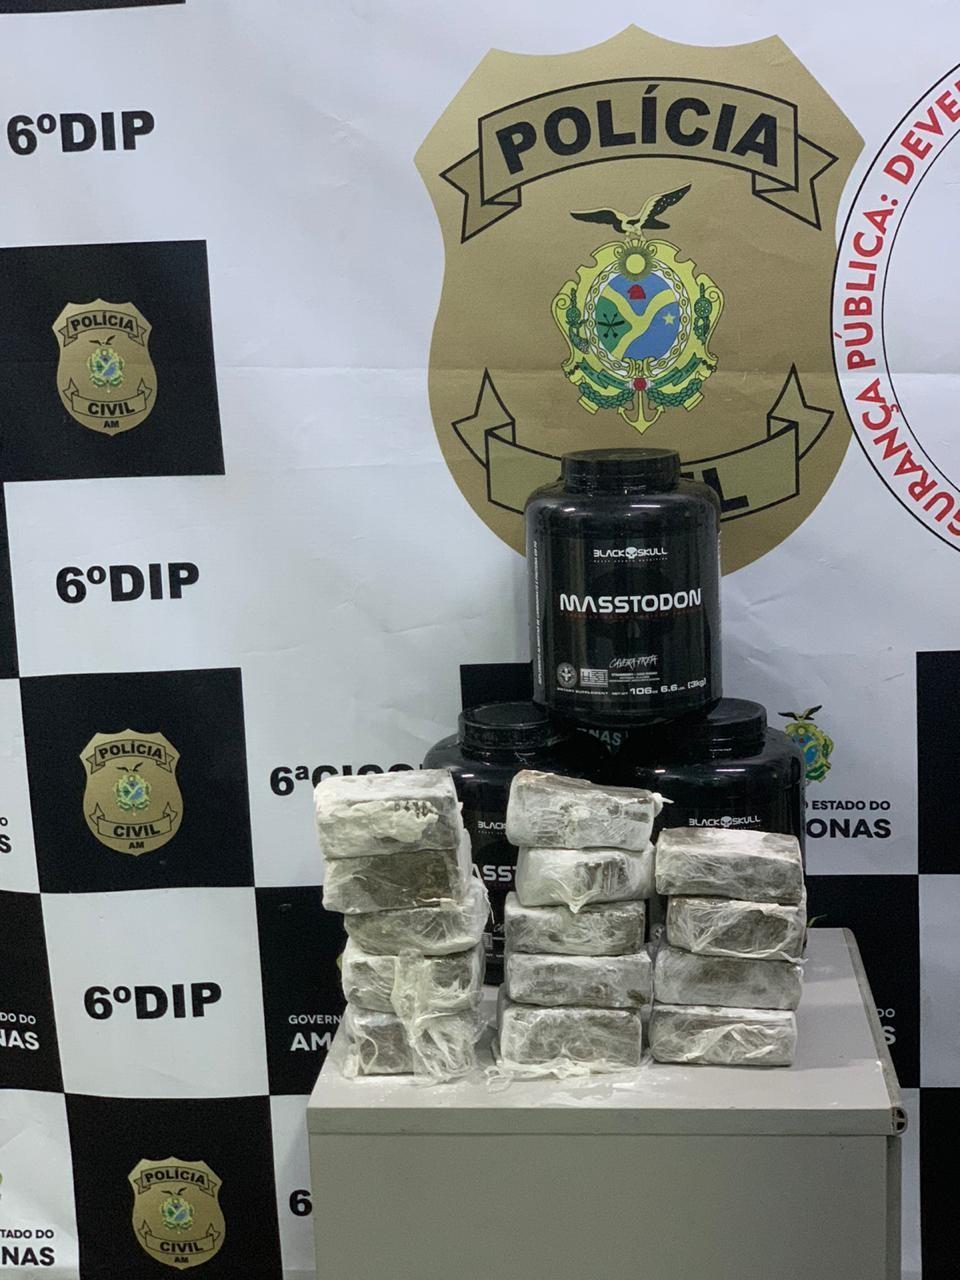 Homem é preso com 14 tabletes de maconha que seriam levados para aeroporto de Manaus, diz polícia - Notícias - Plantão Diário